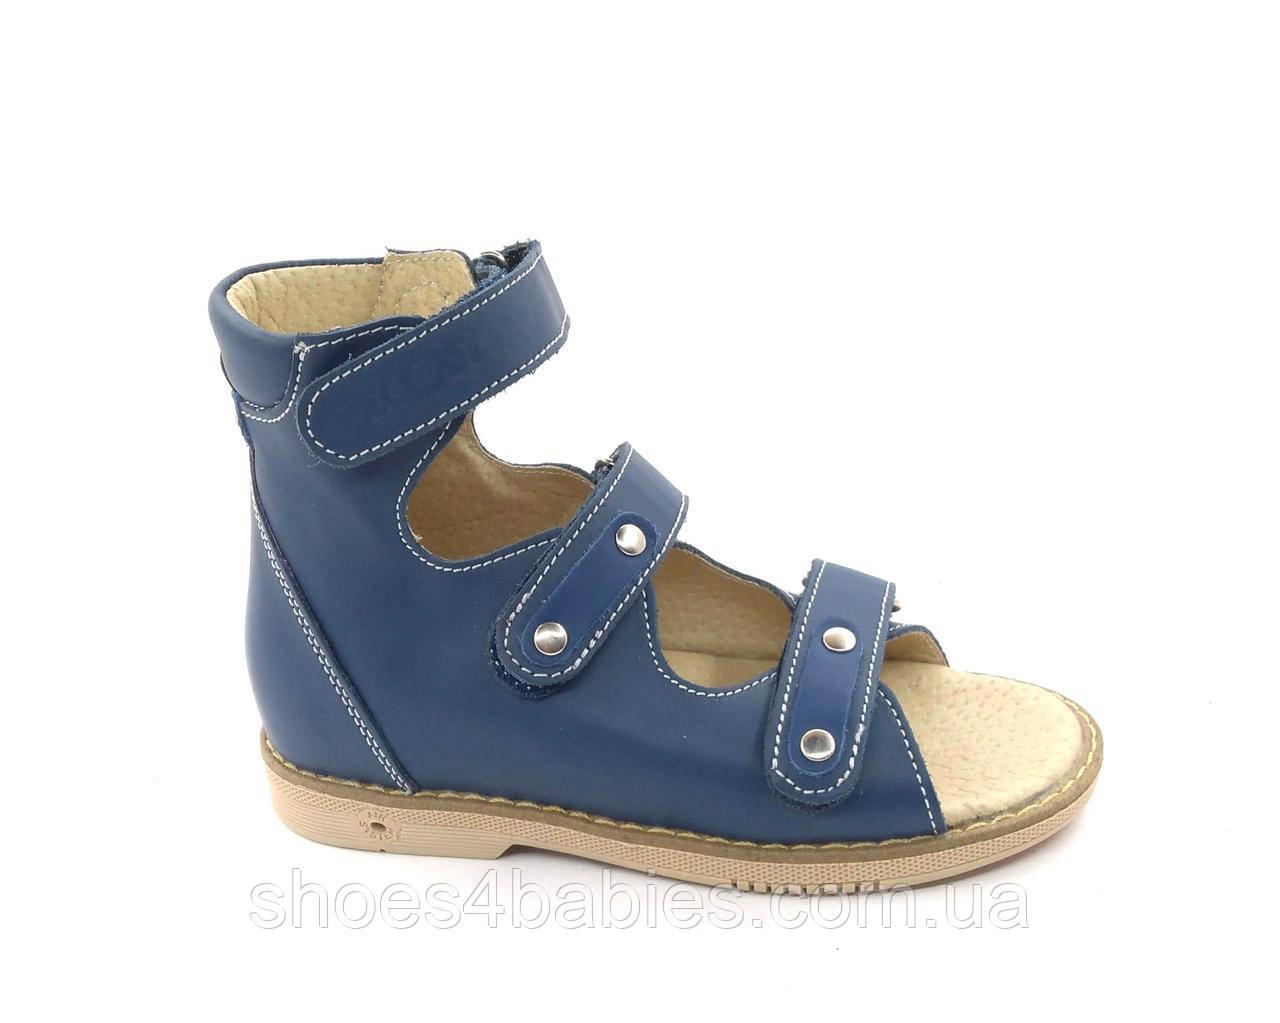 Ecoby (Экоби) детские ортопедические босоножки, сандали кожаные для мальчиков р. 20 - 30